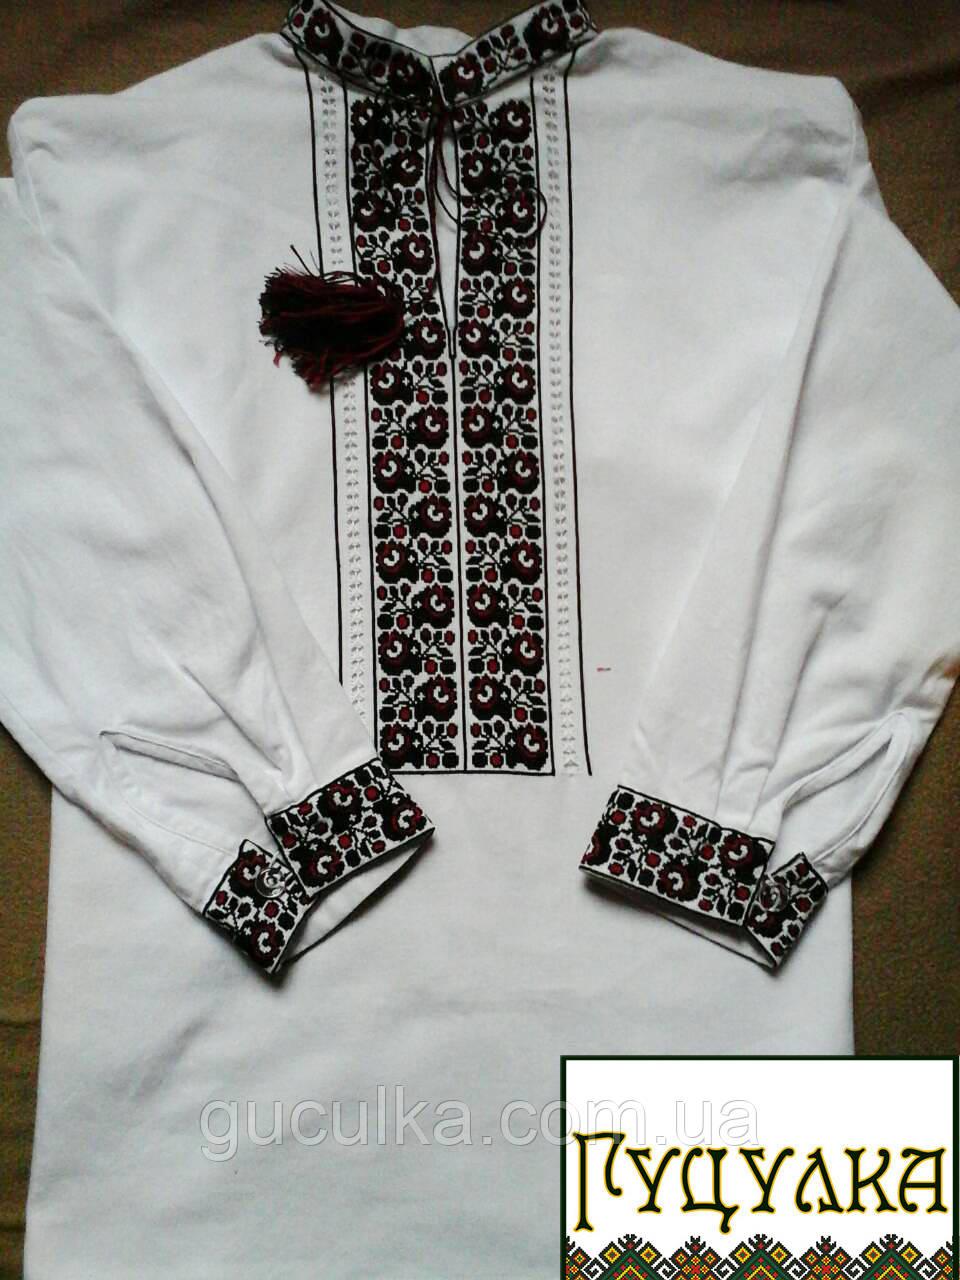 Чоловіча вишиванка біла вишита хрестиком ручної роботи - Інтернет-магазин